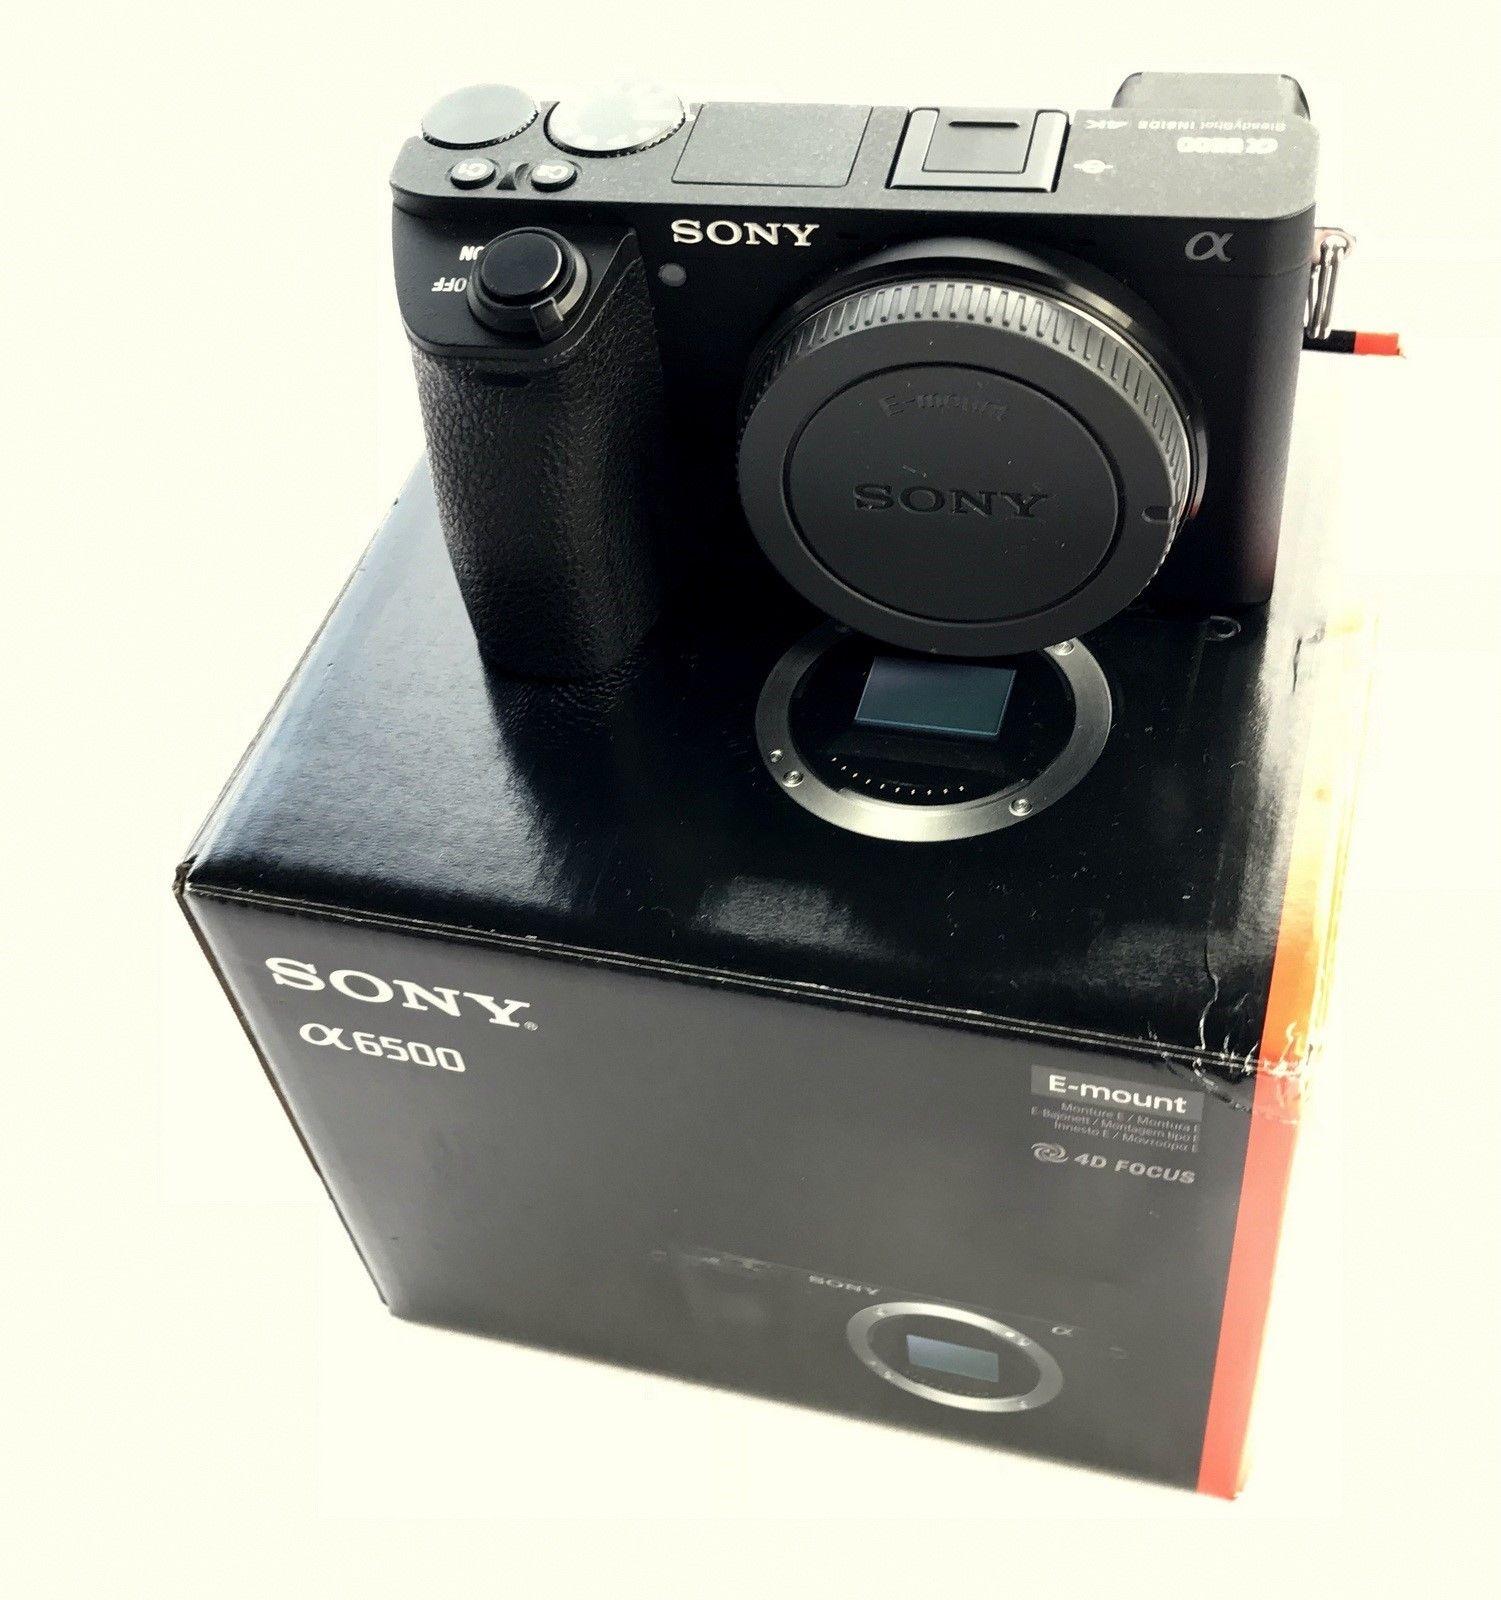 Sony Alpha ILCE-6500 24.2 MP Digitalkamera - Schwarz (Nur Gehäuse) in OVP